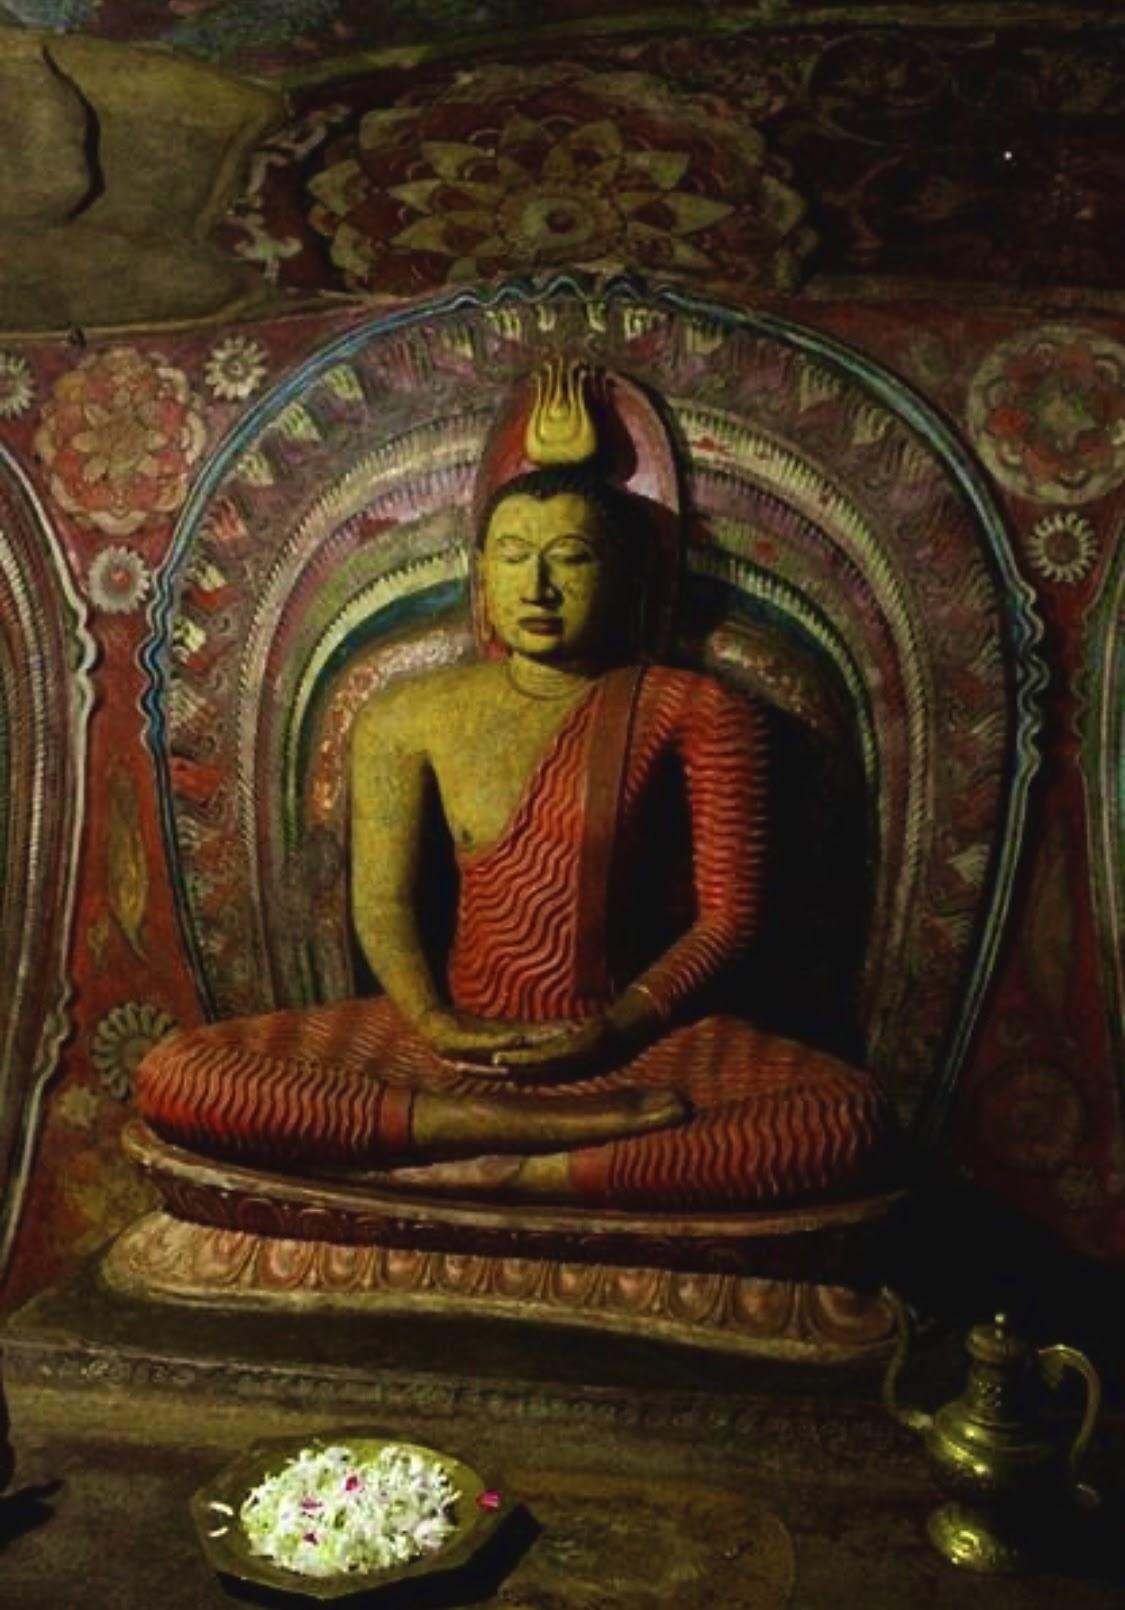 Degalldoruwa Raja Maha Viharaya